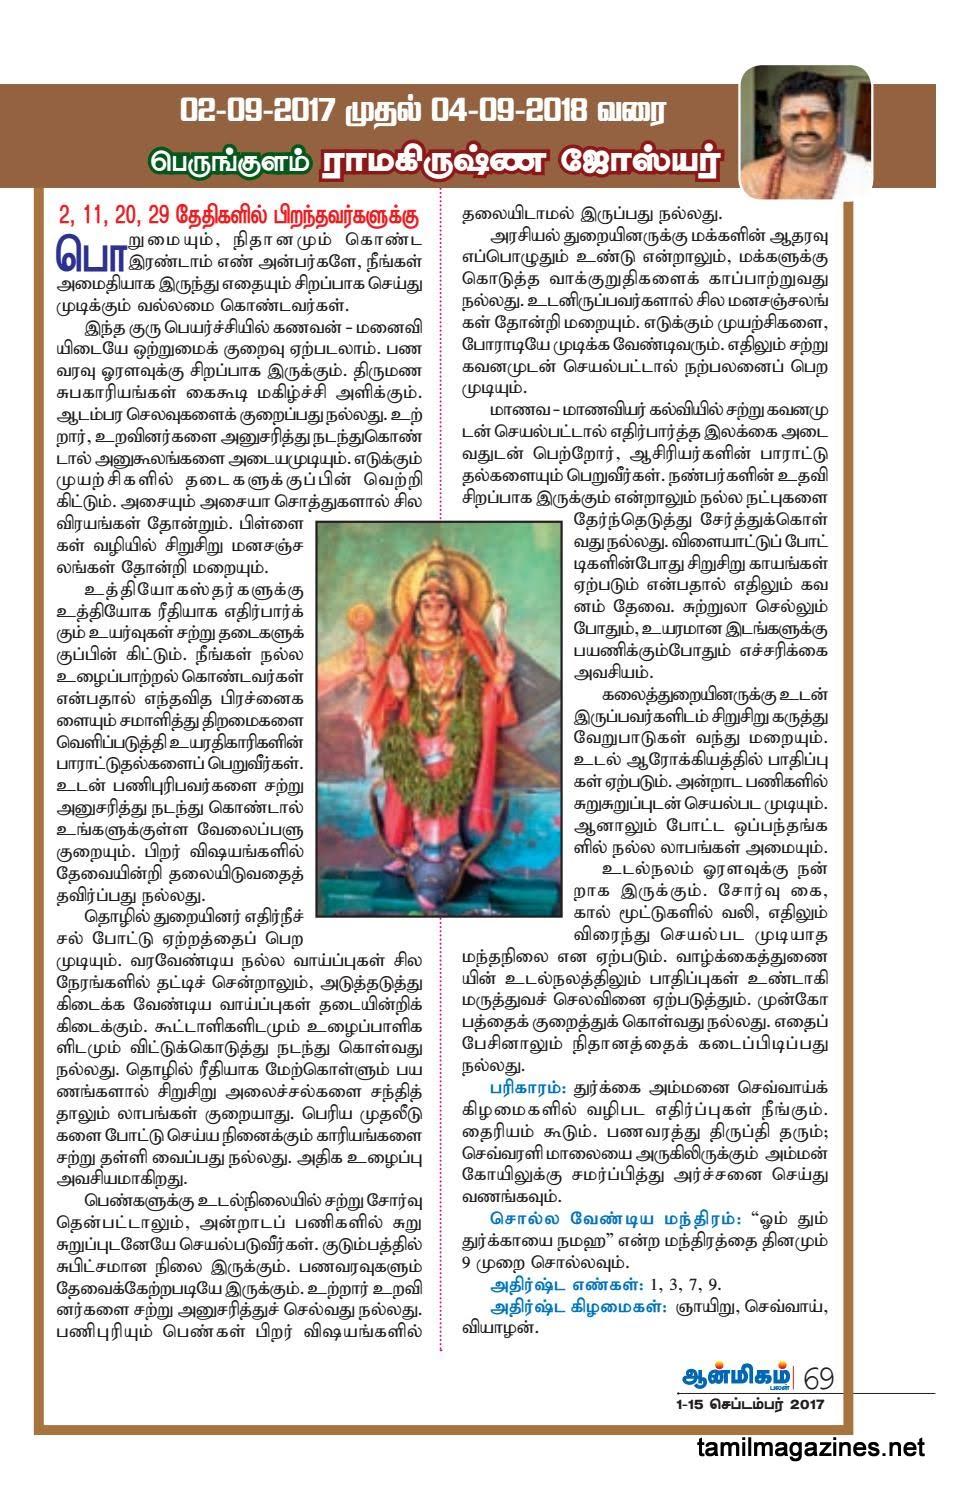 Gurupeyarchi Numerology Predictions